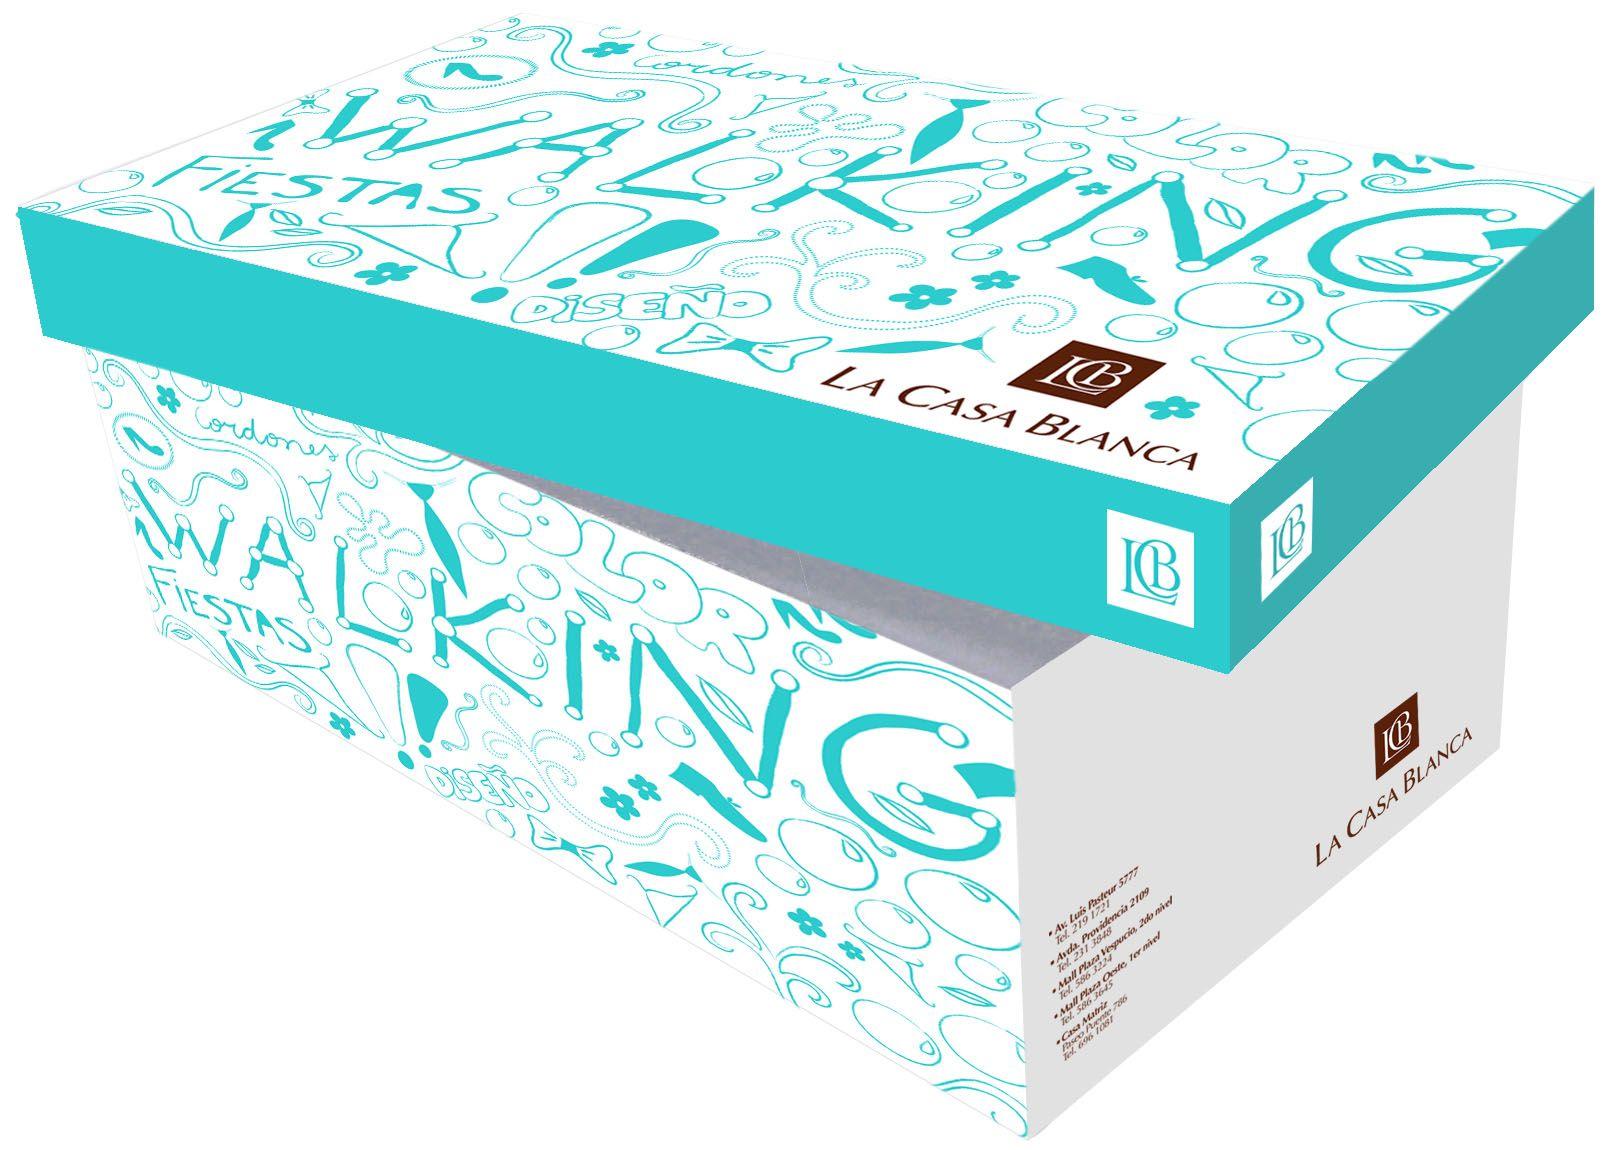 Ilustraciones Y Diseño Que Realicé Para Caja De Zapatos Niño Lcb Www Carolaes Com Caja De Zapatos Disenos De Unas Cajas